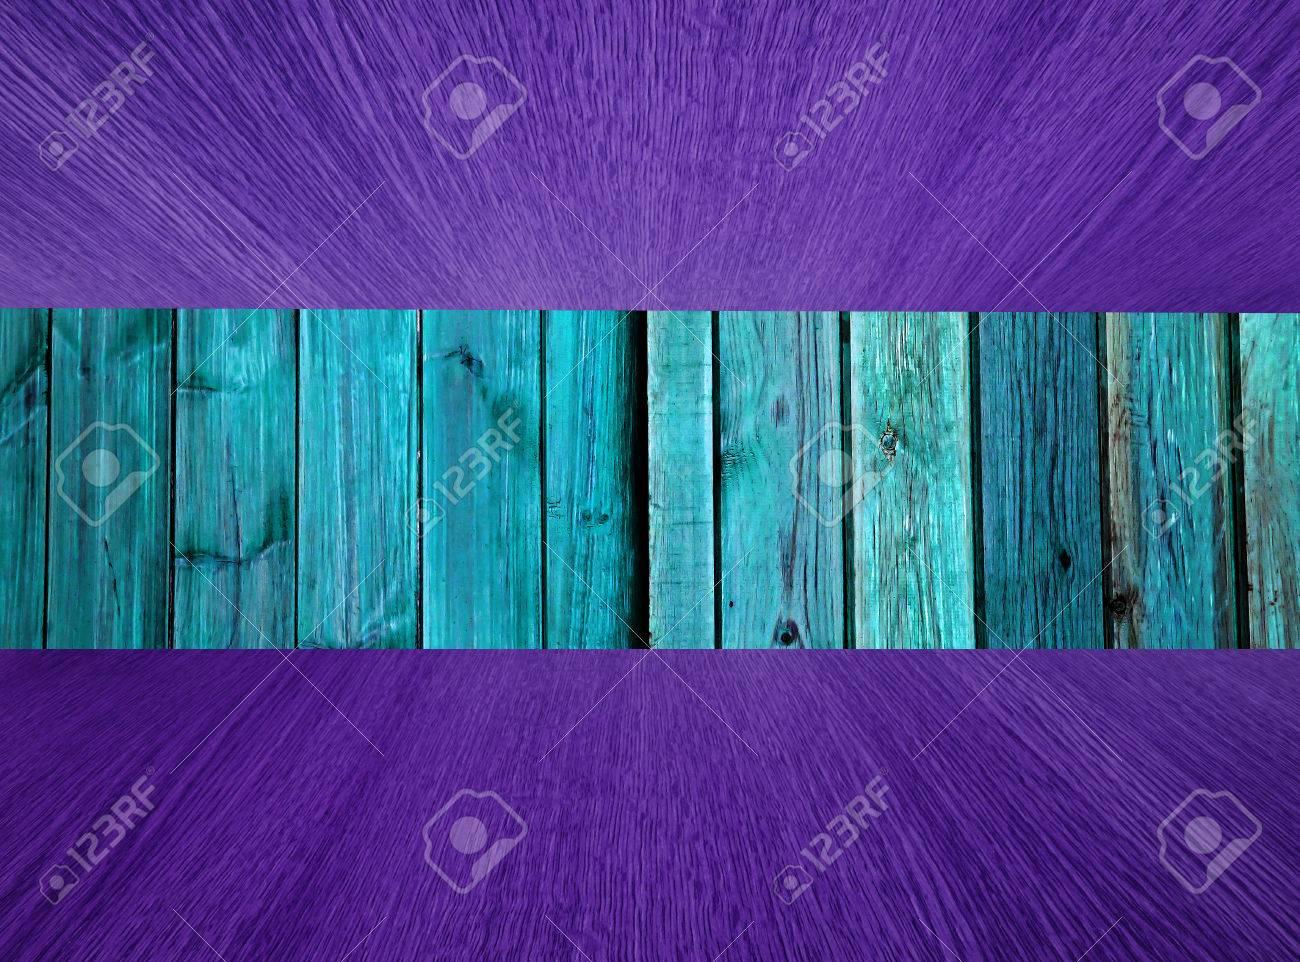 Naturholz Hintergrund Hintergrund Mit Türkis Grün Und Lila Boden